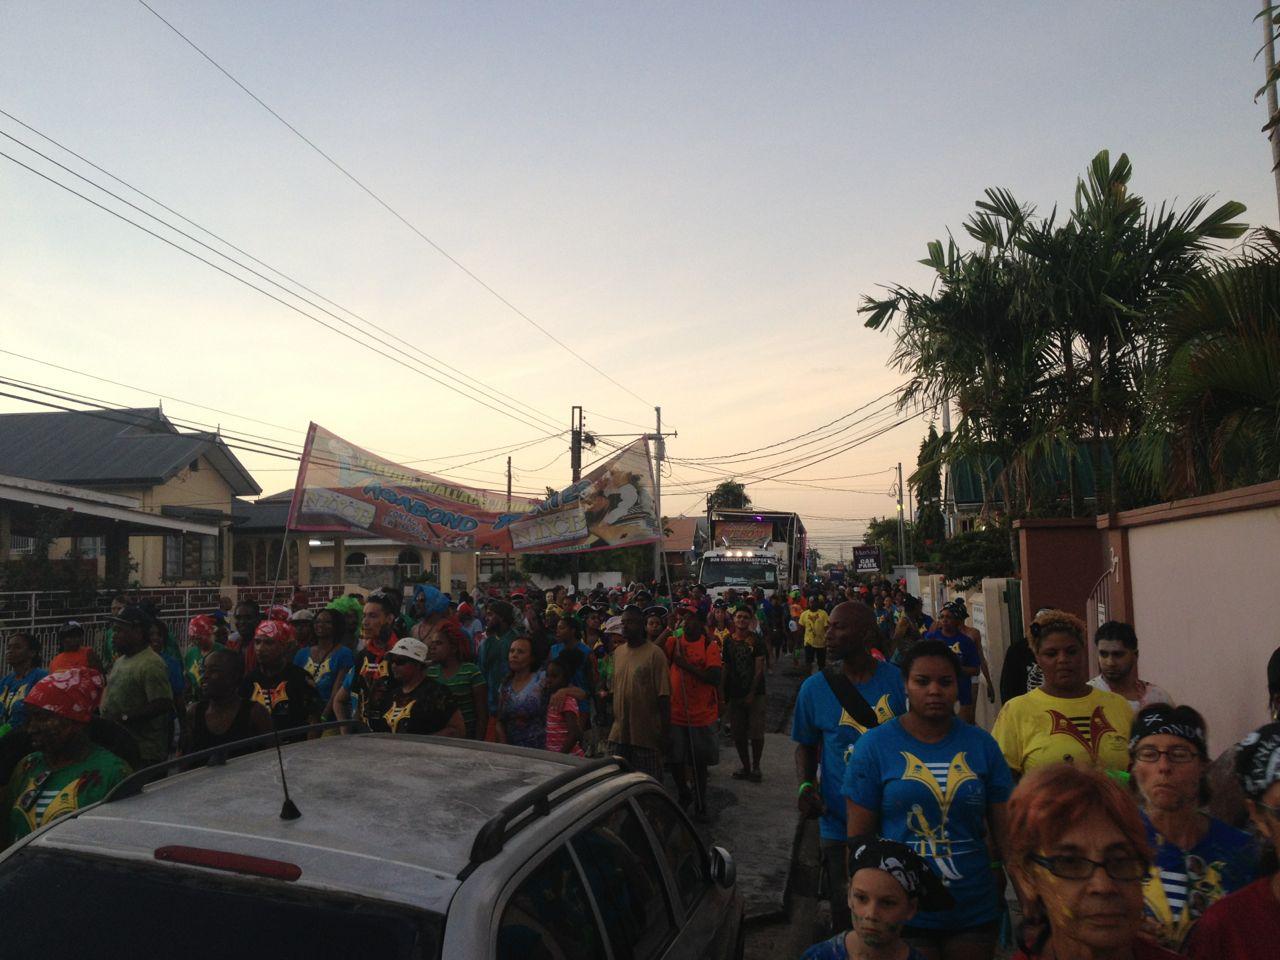 Sonnenaufgang beim Dirty Maas Karneval in Trinidad